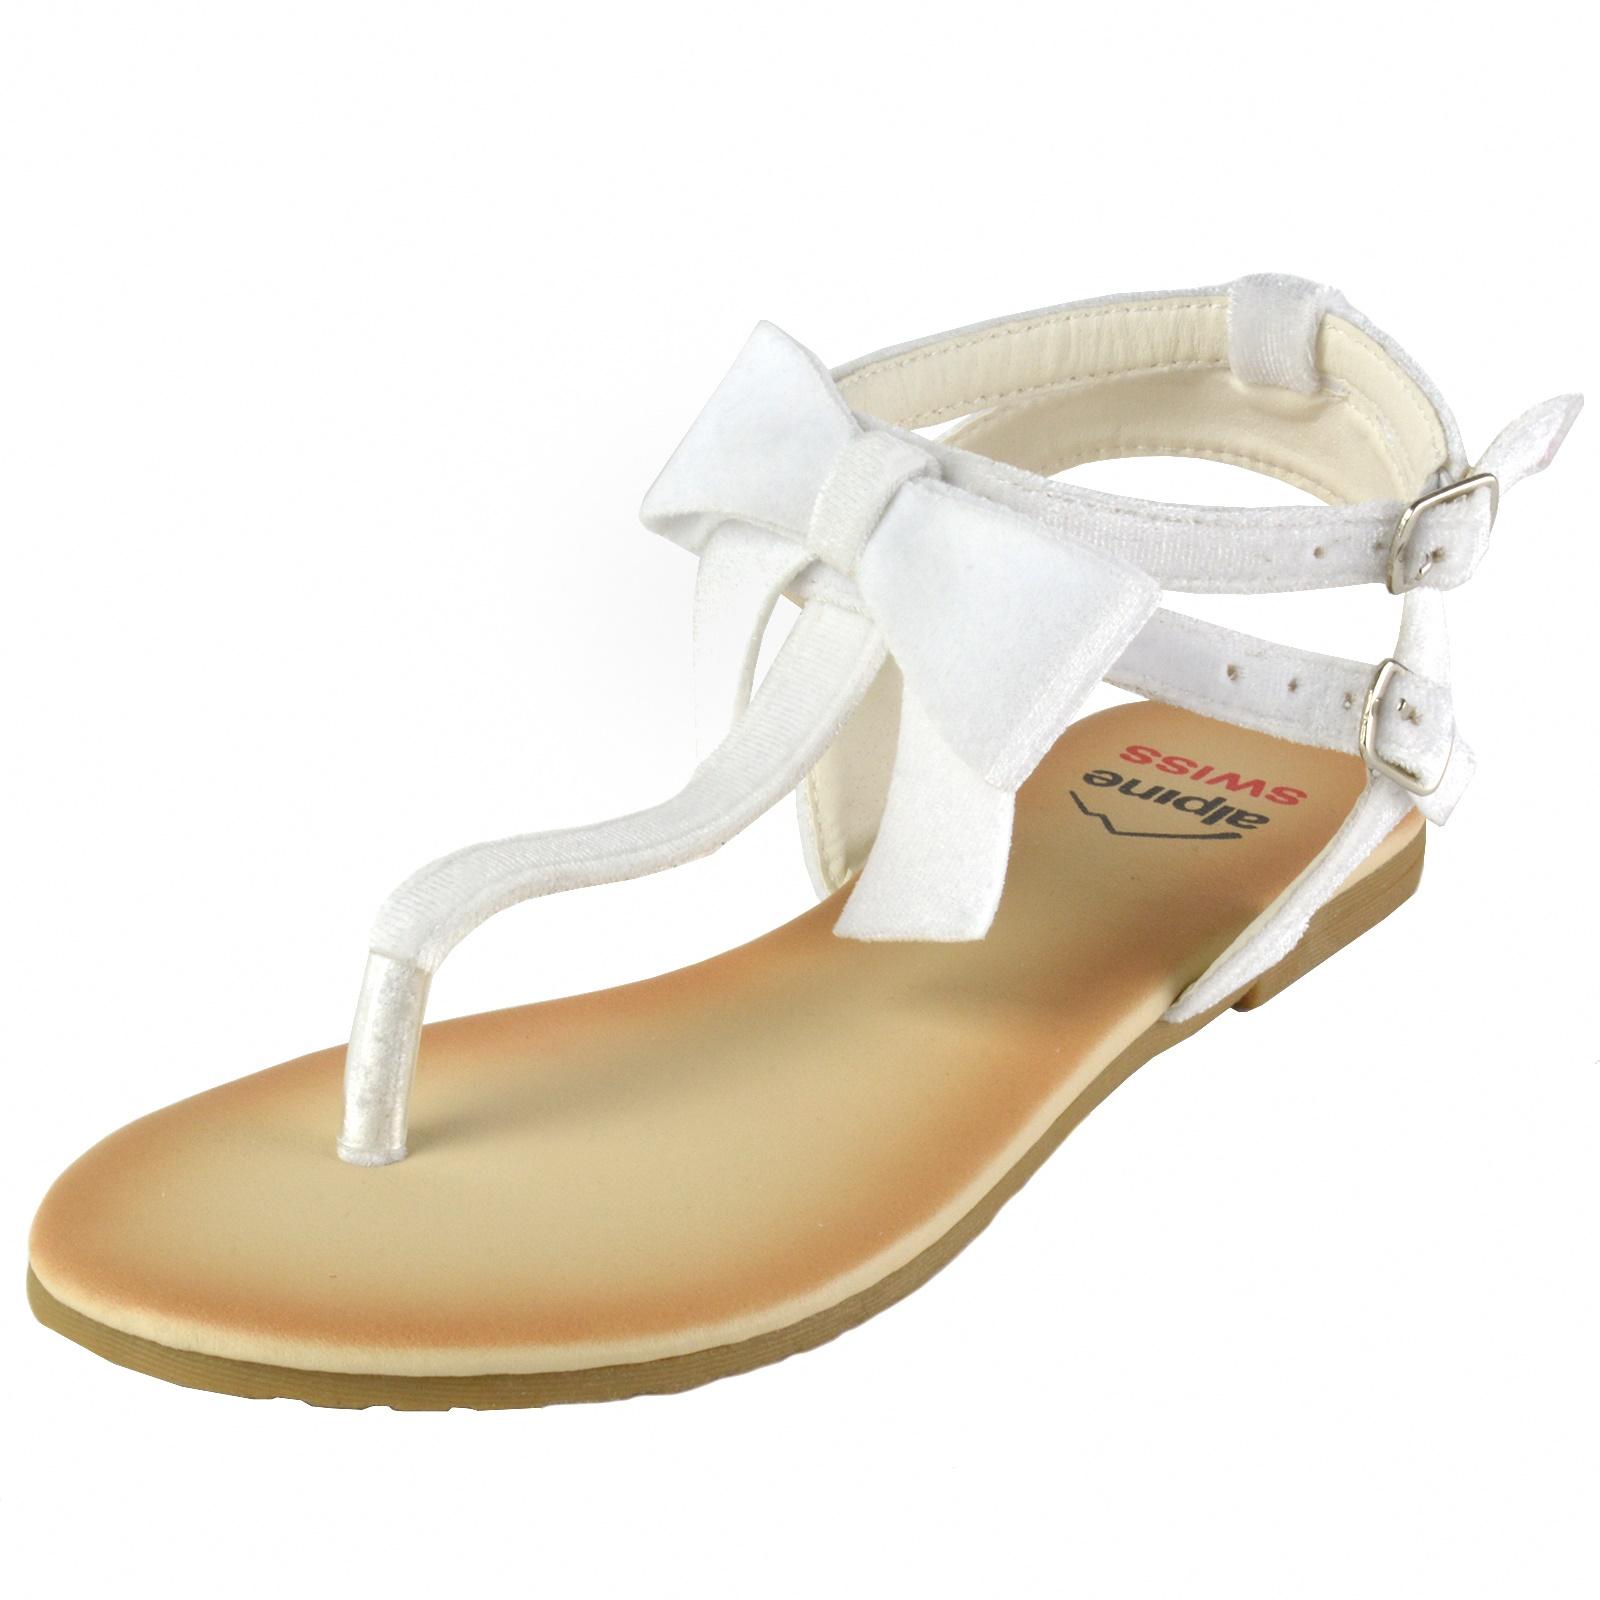 Alpine Swiss Womens Velvet Bow Sandals TStrap Thong Gladiator Slingback Flats